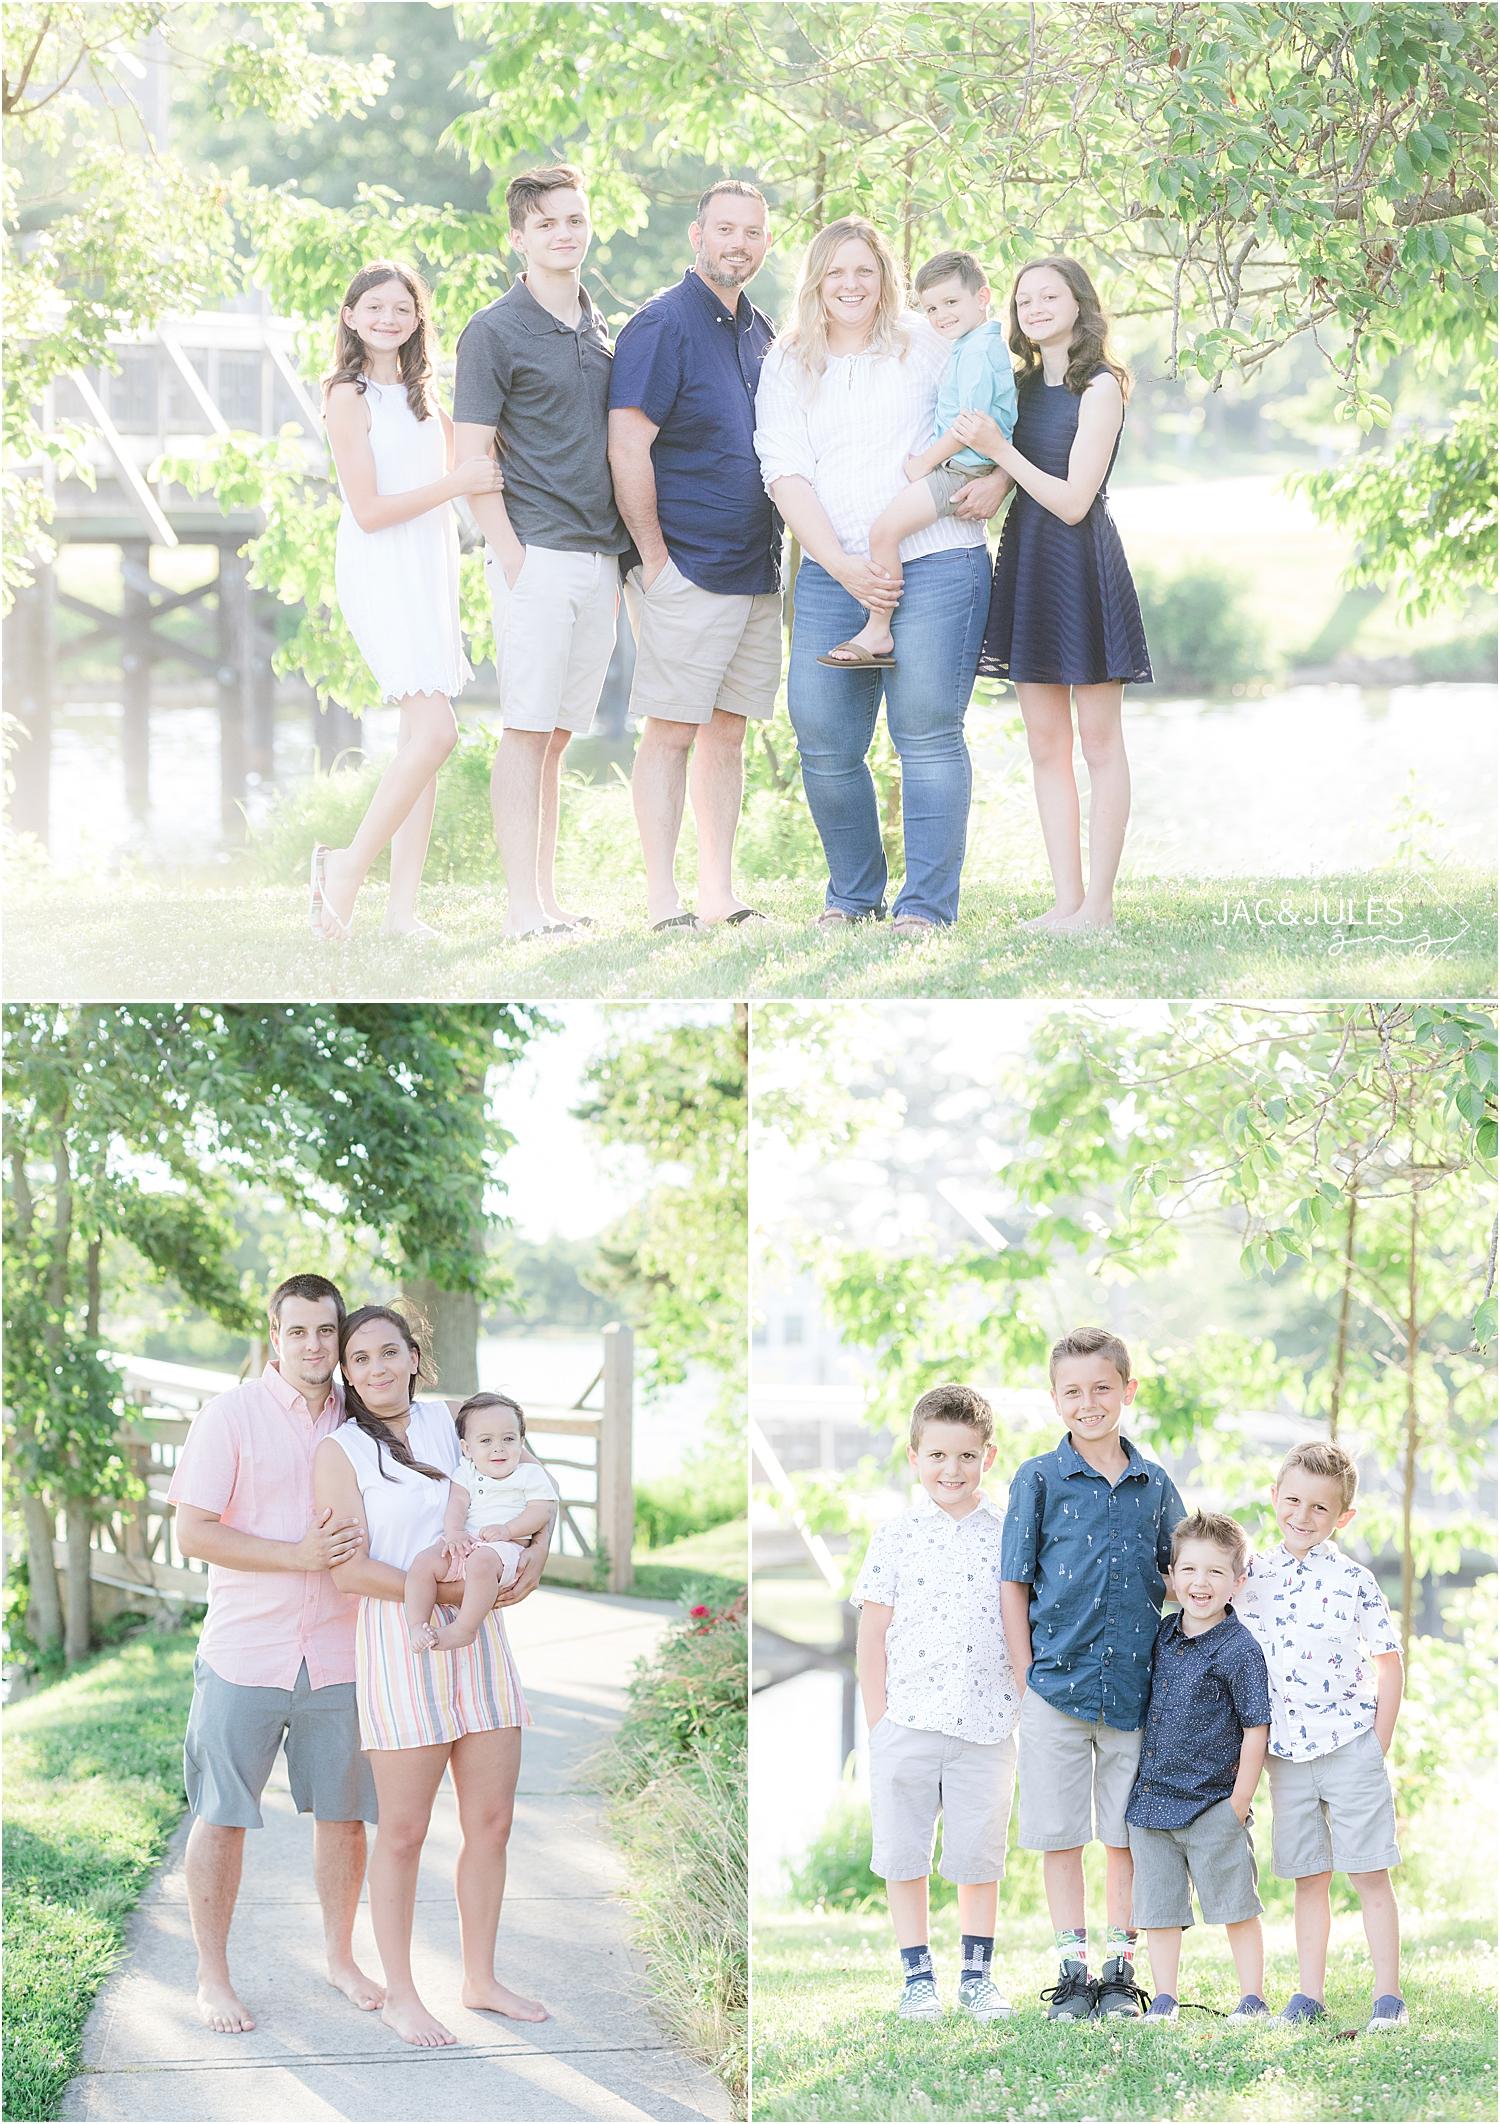 family portraits at divine park in spring lake nj